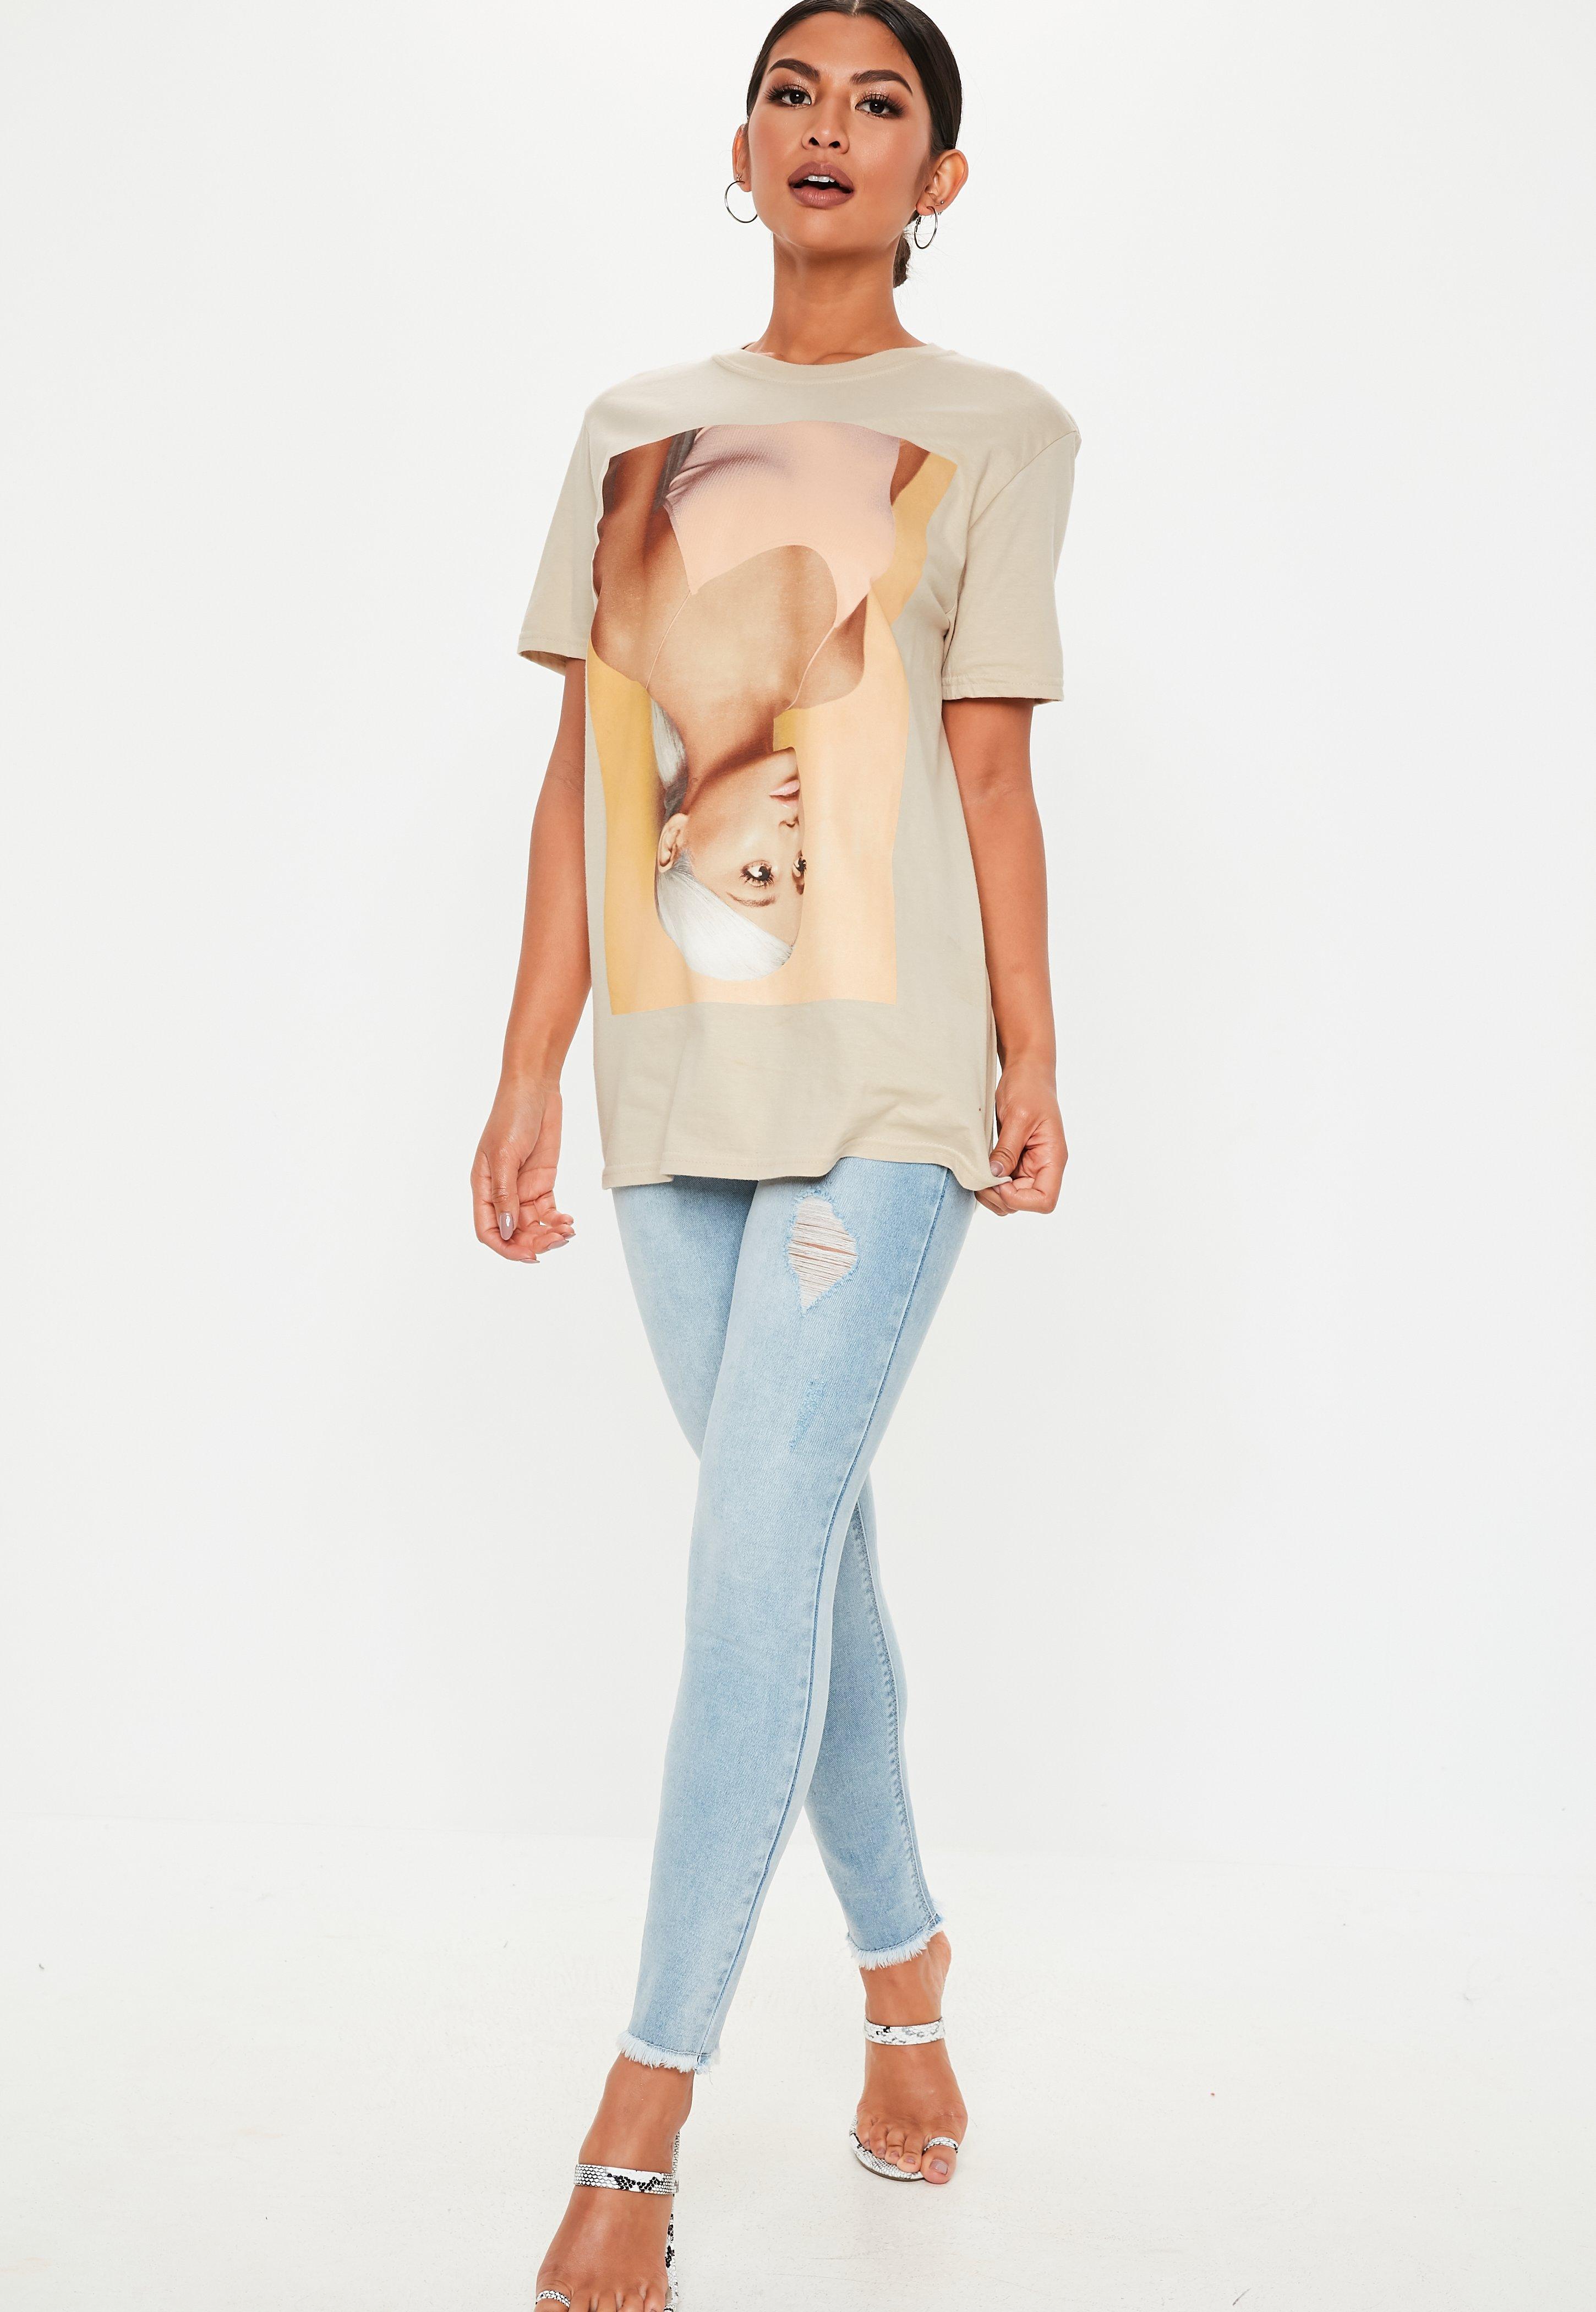 779e70d2b7e61e Sand Ariana Grande T Shirt